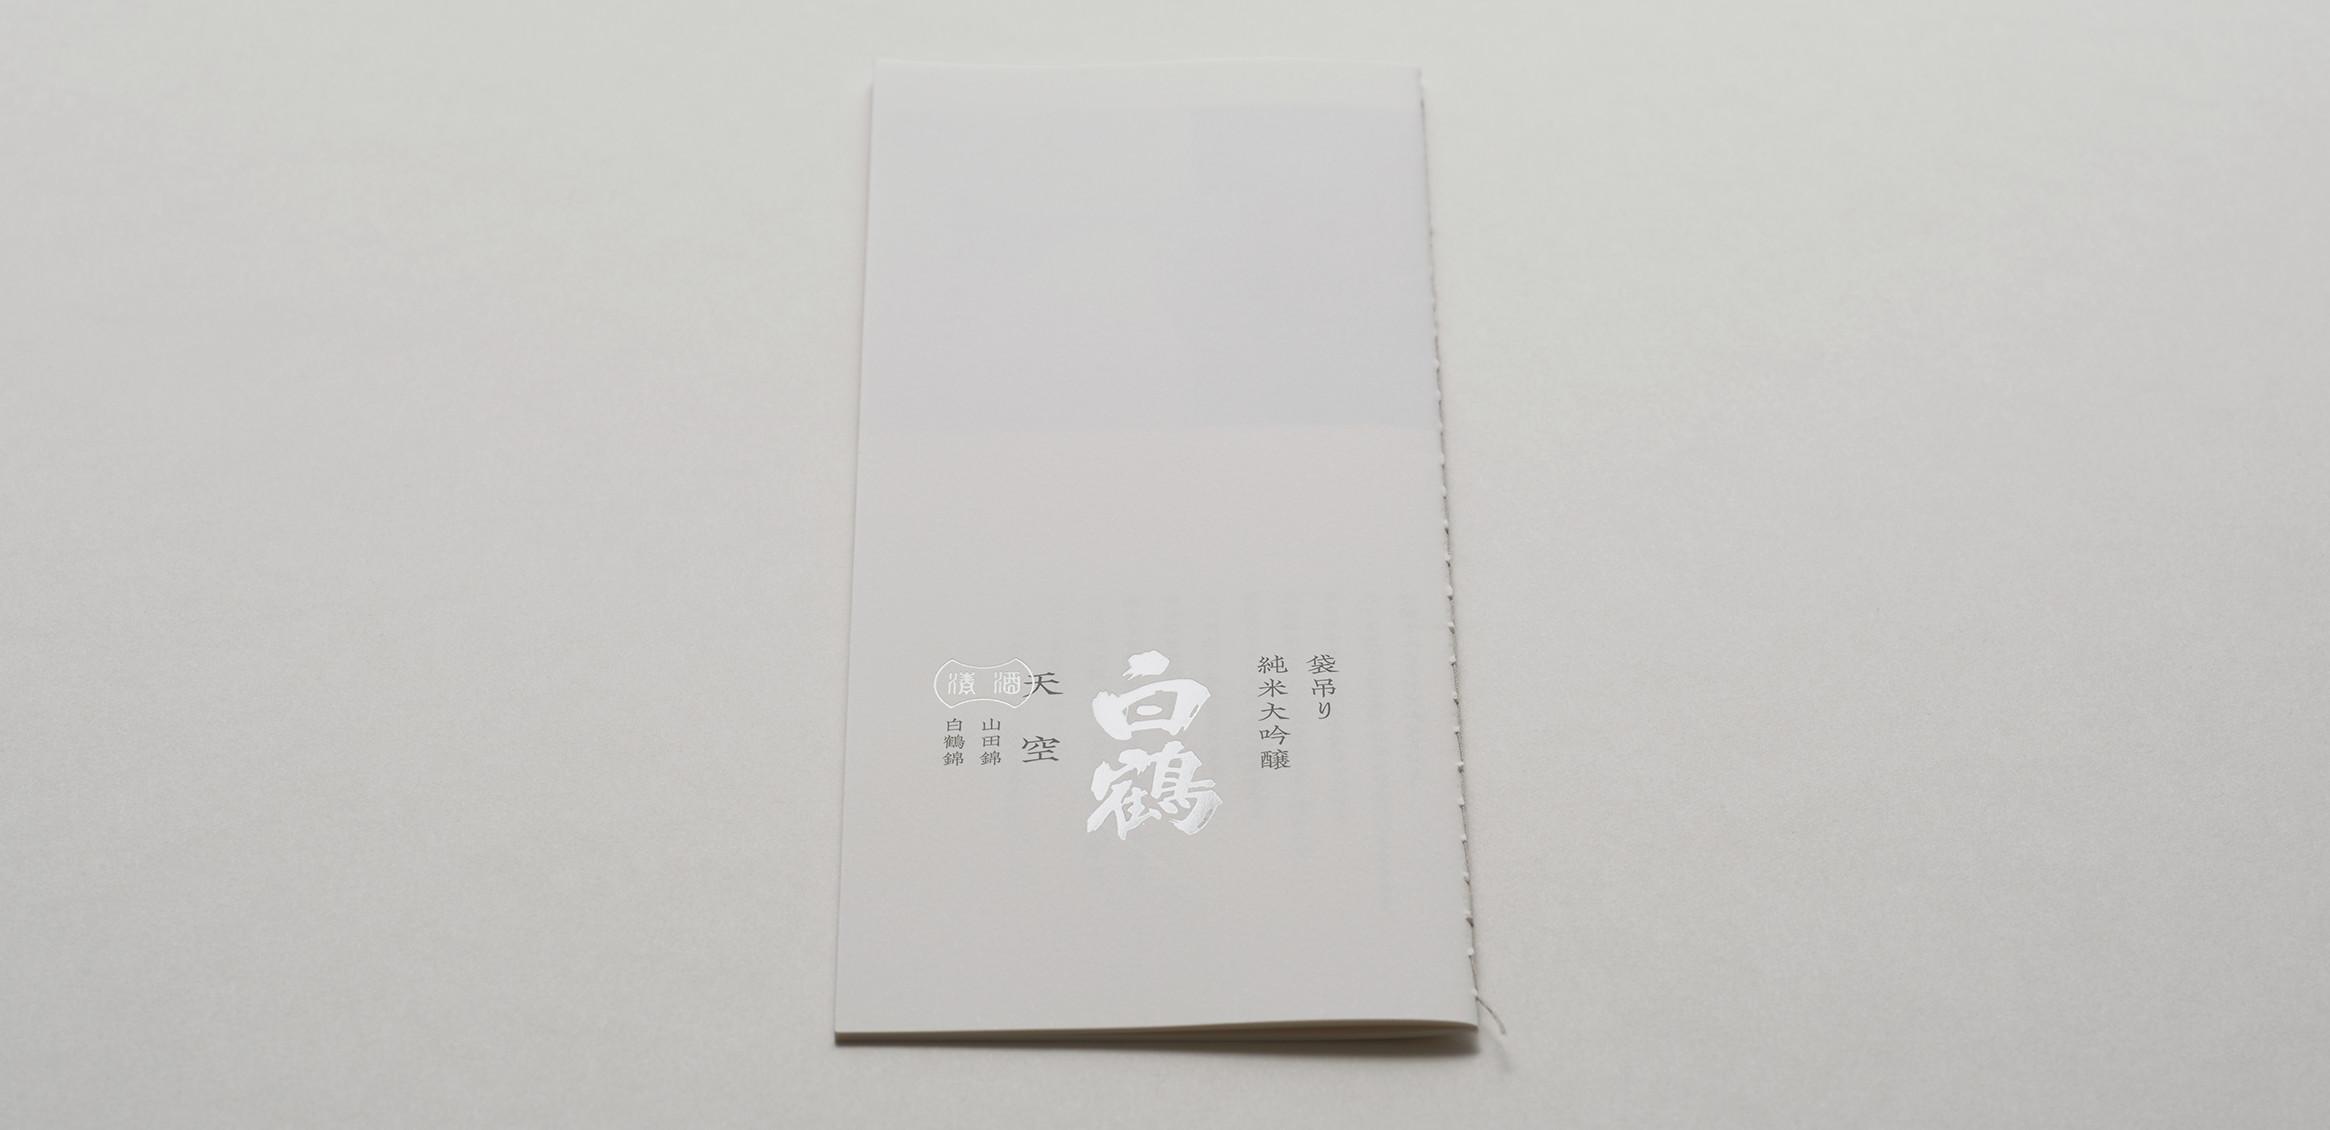 超特撰 白鶴 天空 袋吊り 純米大吟醸 山田錦/白鶴錦8枚目